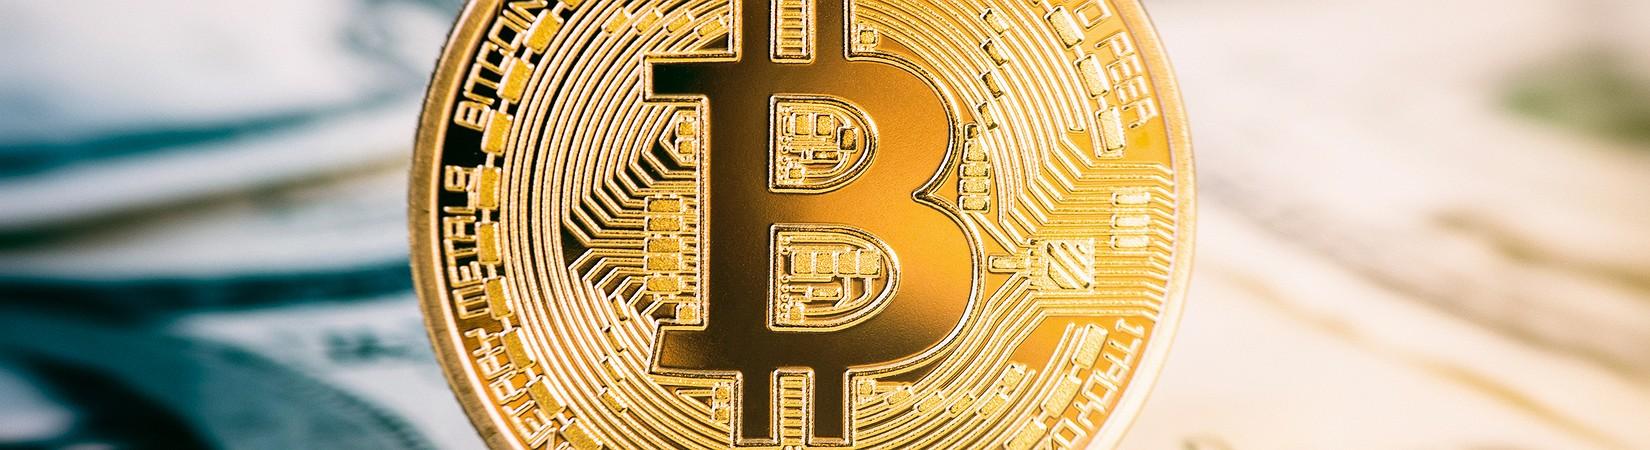 Porque foi criada a Bitcoin?